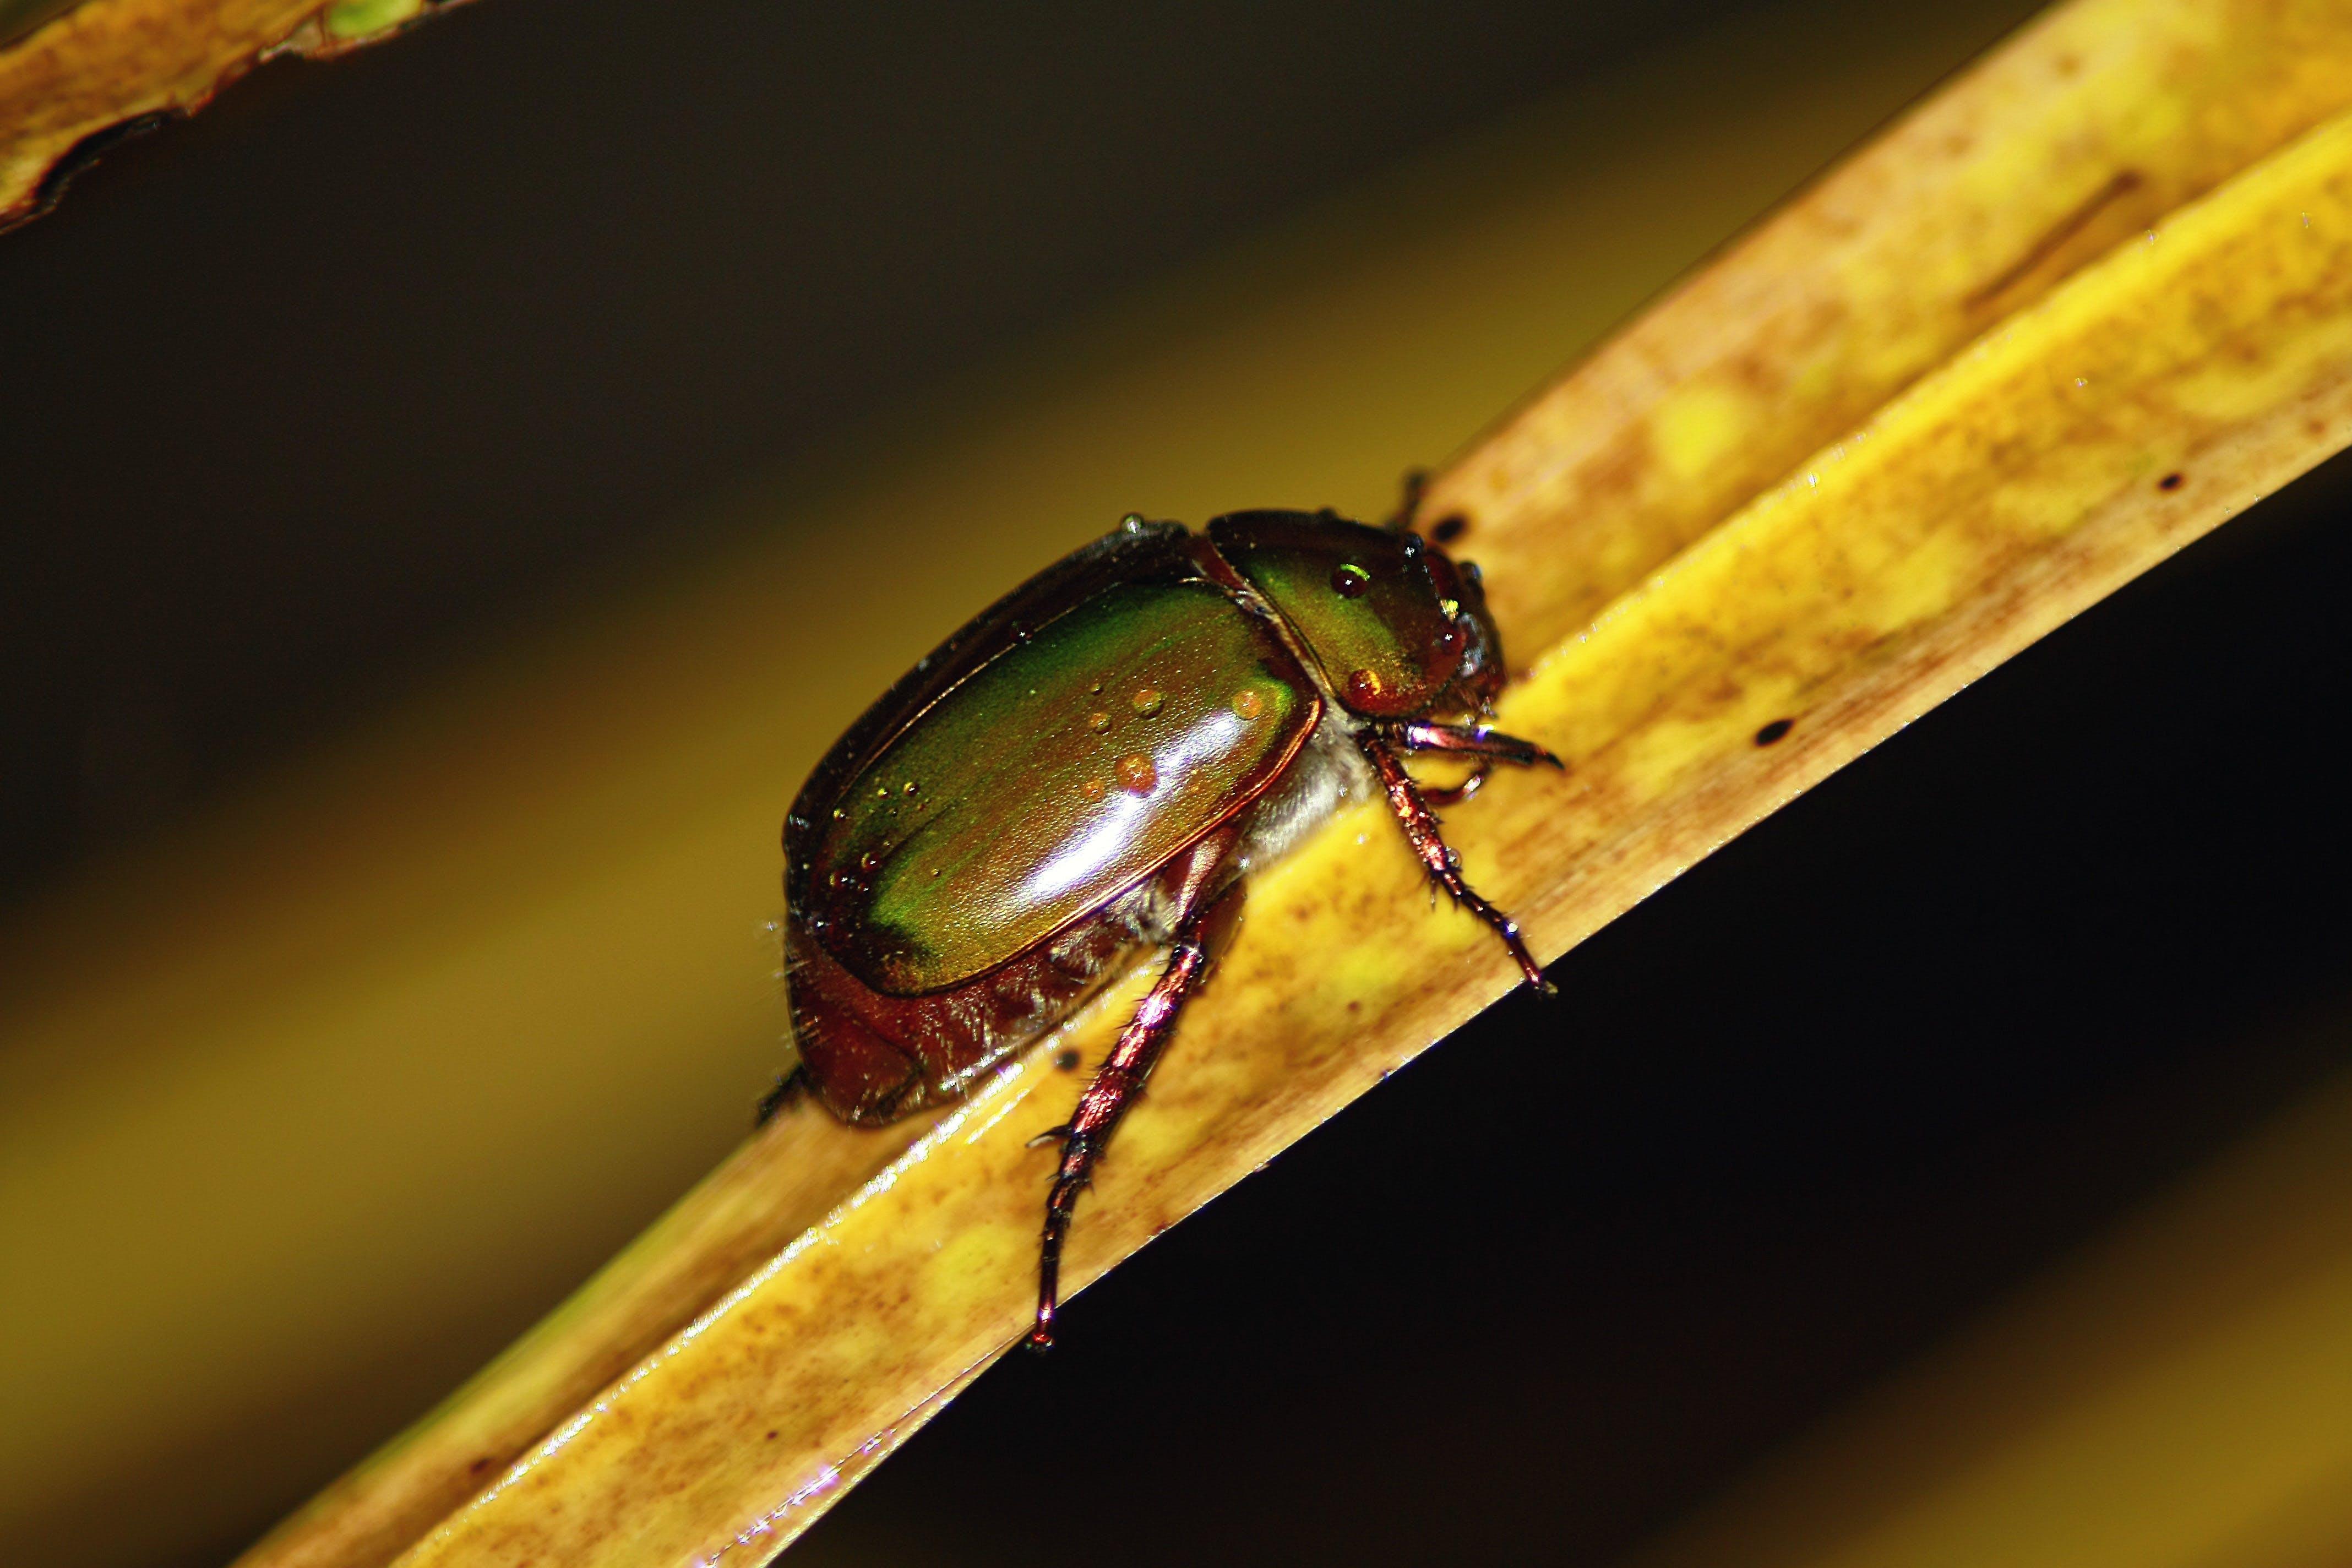 Black and Green Beetle on Brown Leaf